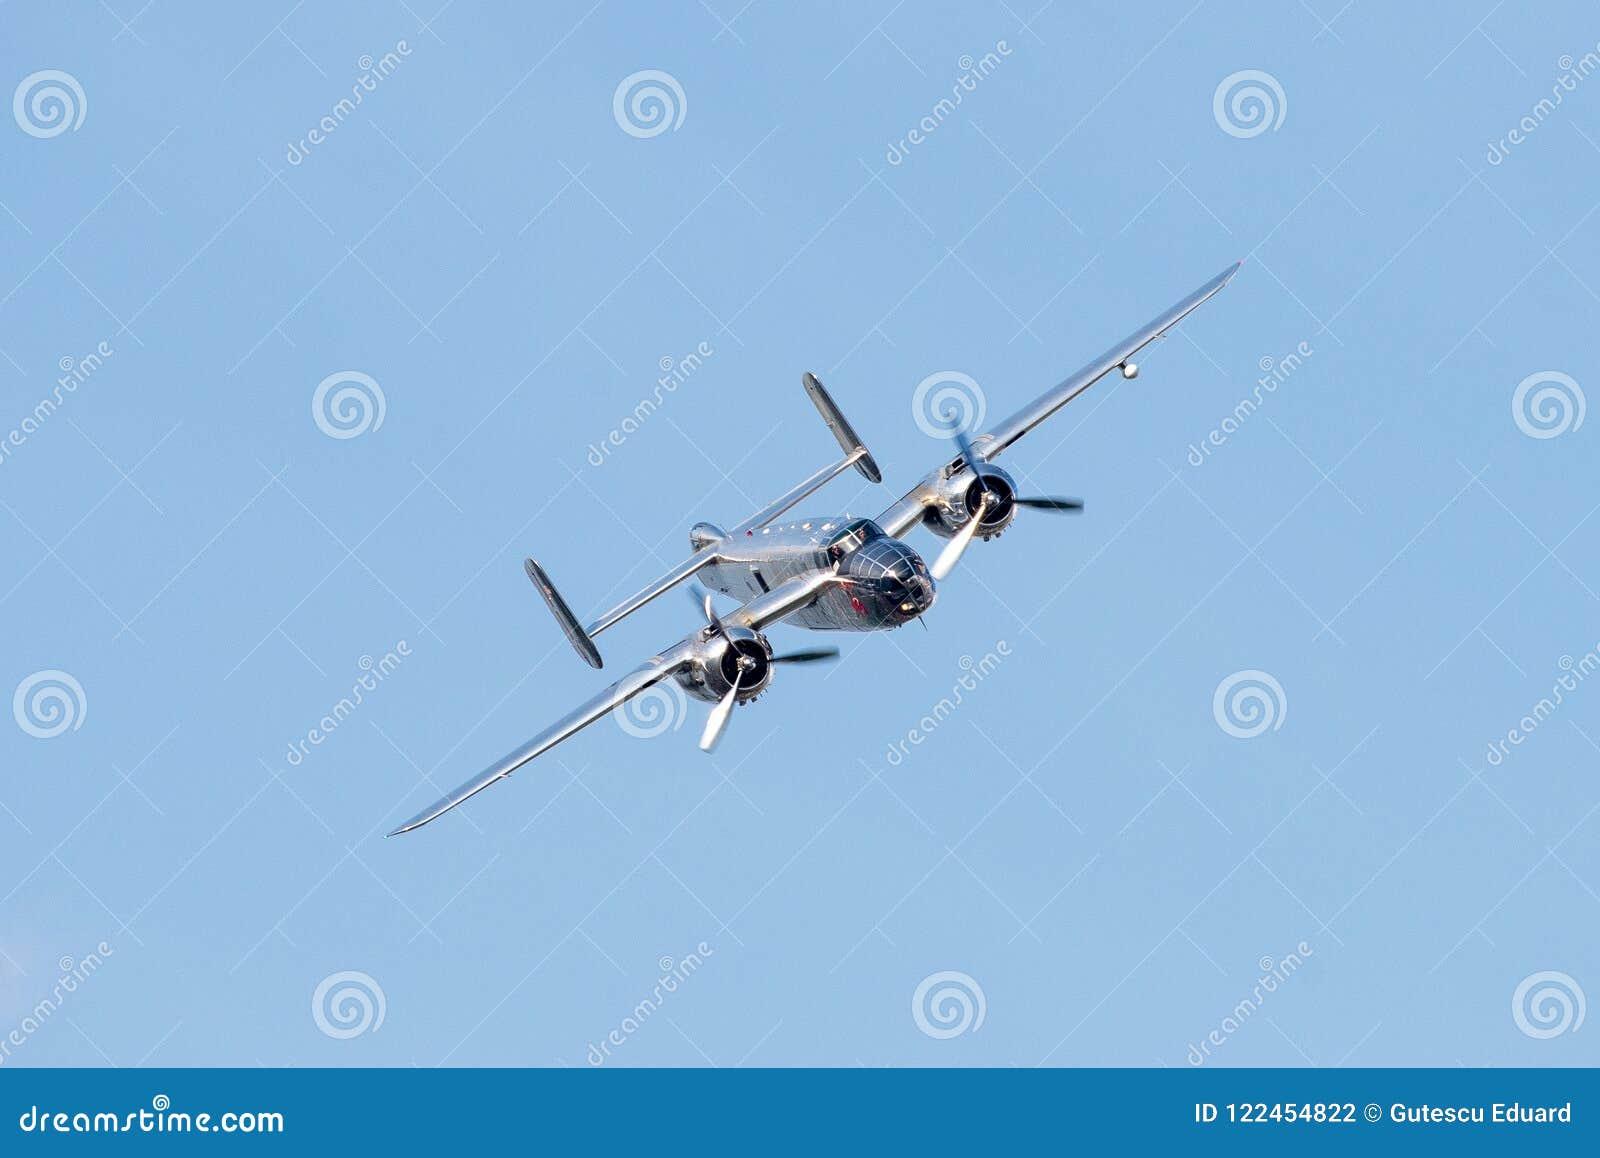 Bucharest pokazu lotniczego międzynarodowa tendencyjność, PÓŁNOCNOAMERYKAŃSKIEGO B-25J ` MITCHELL ` latający byki zespala się